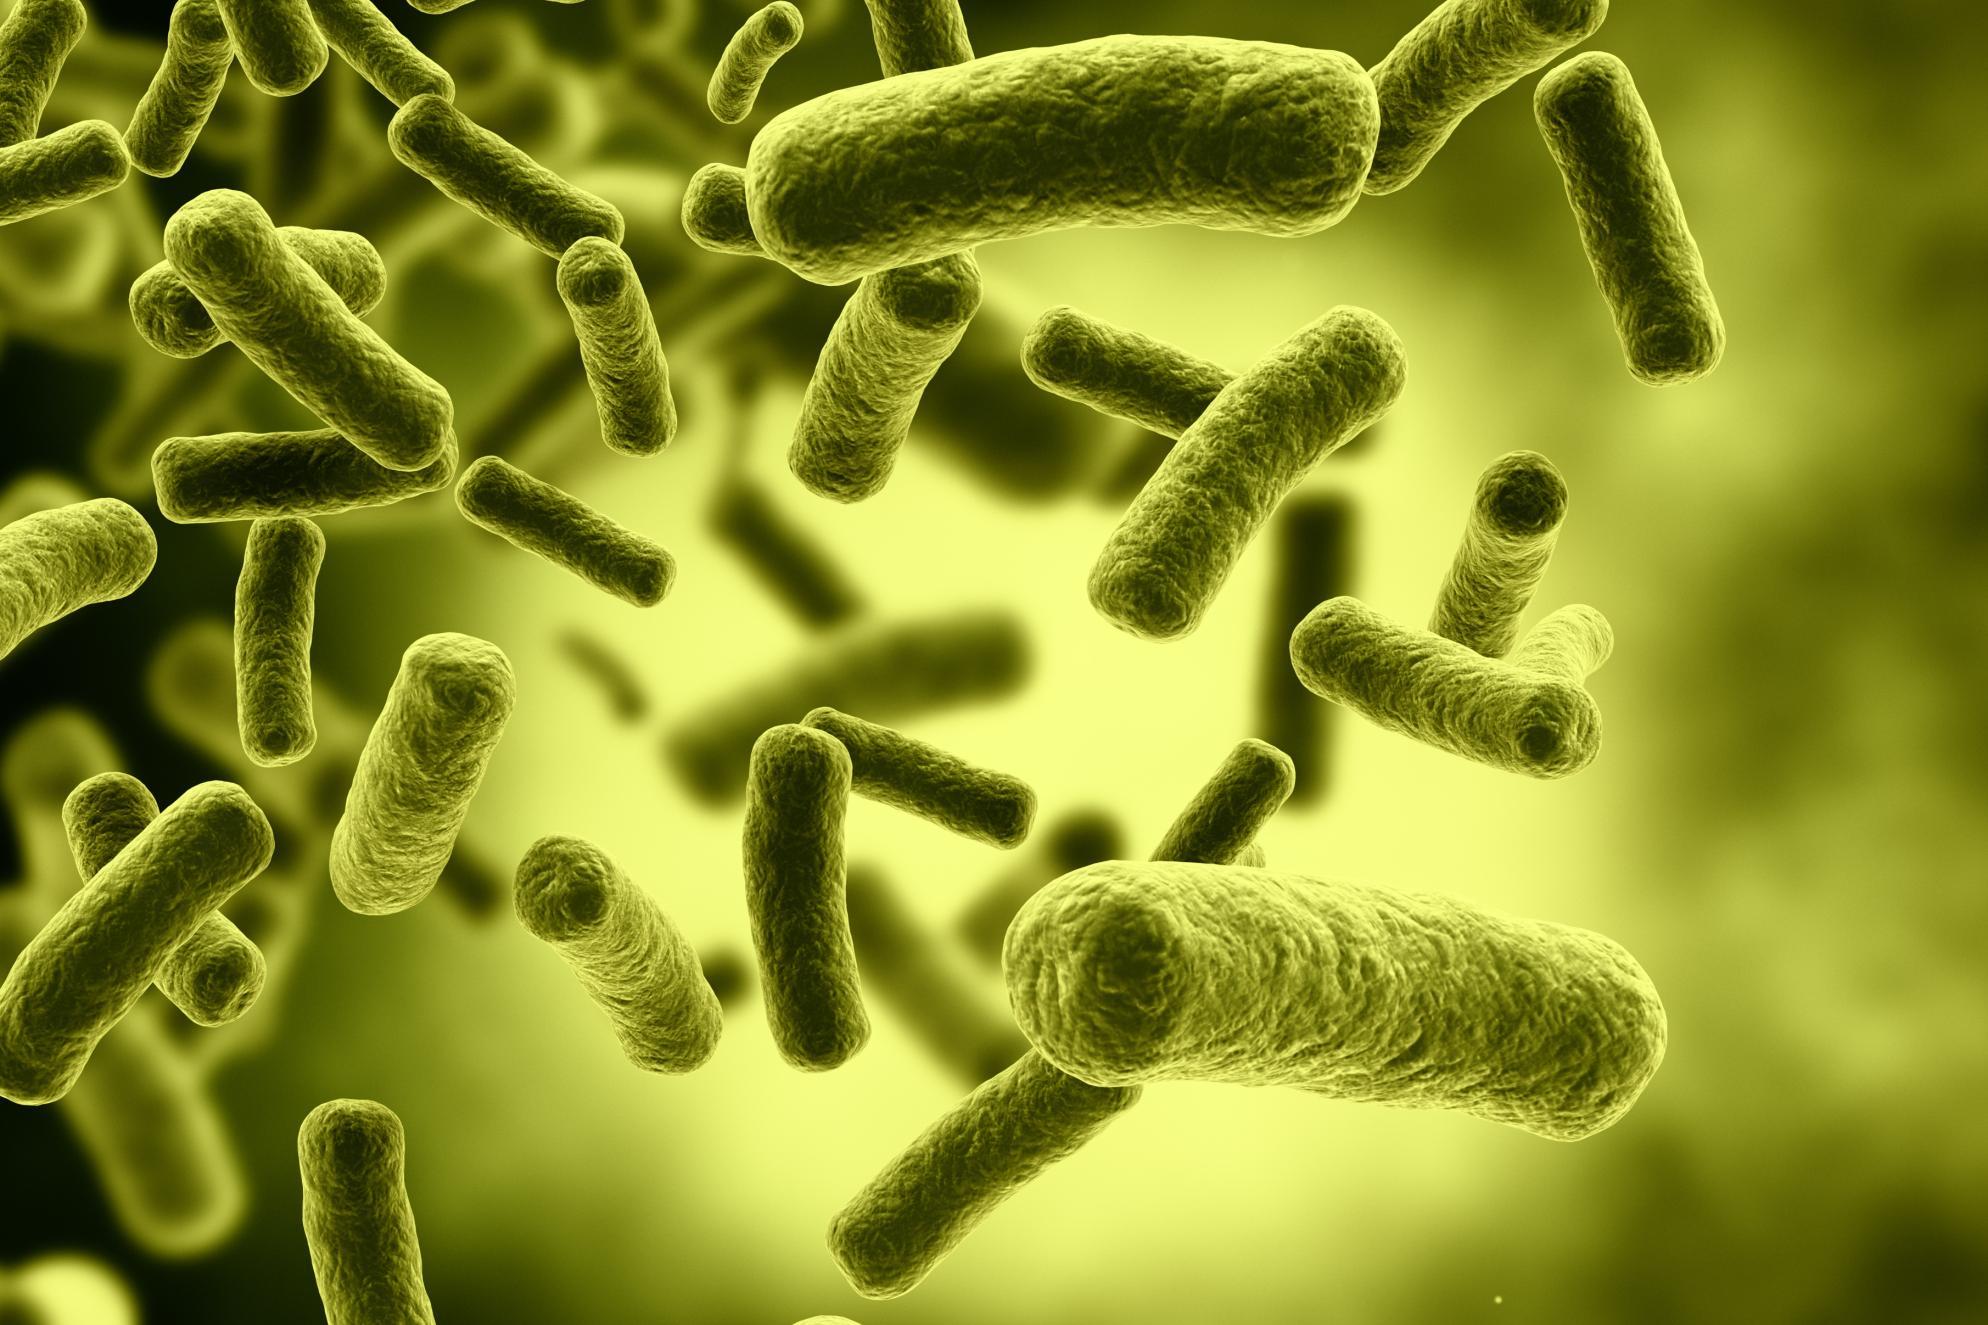 élő egészséges baktériumok)